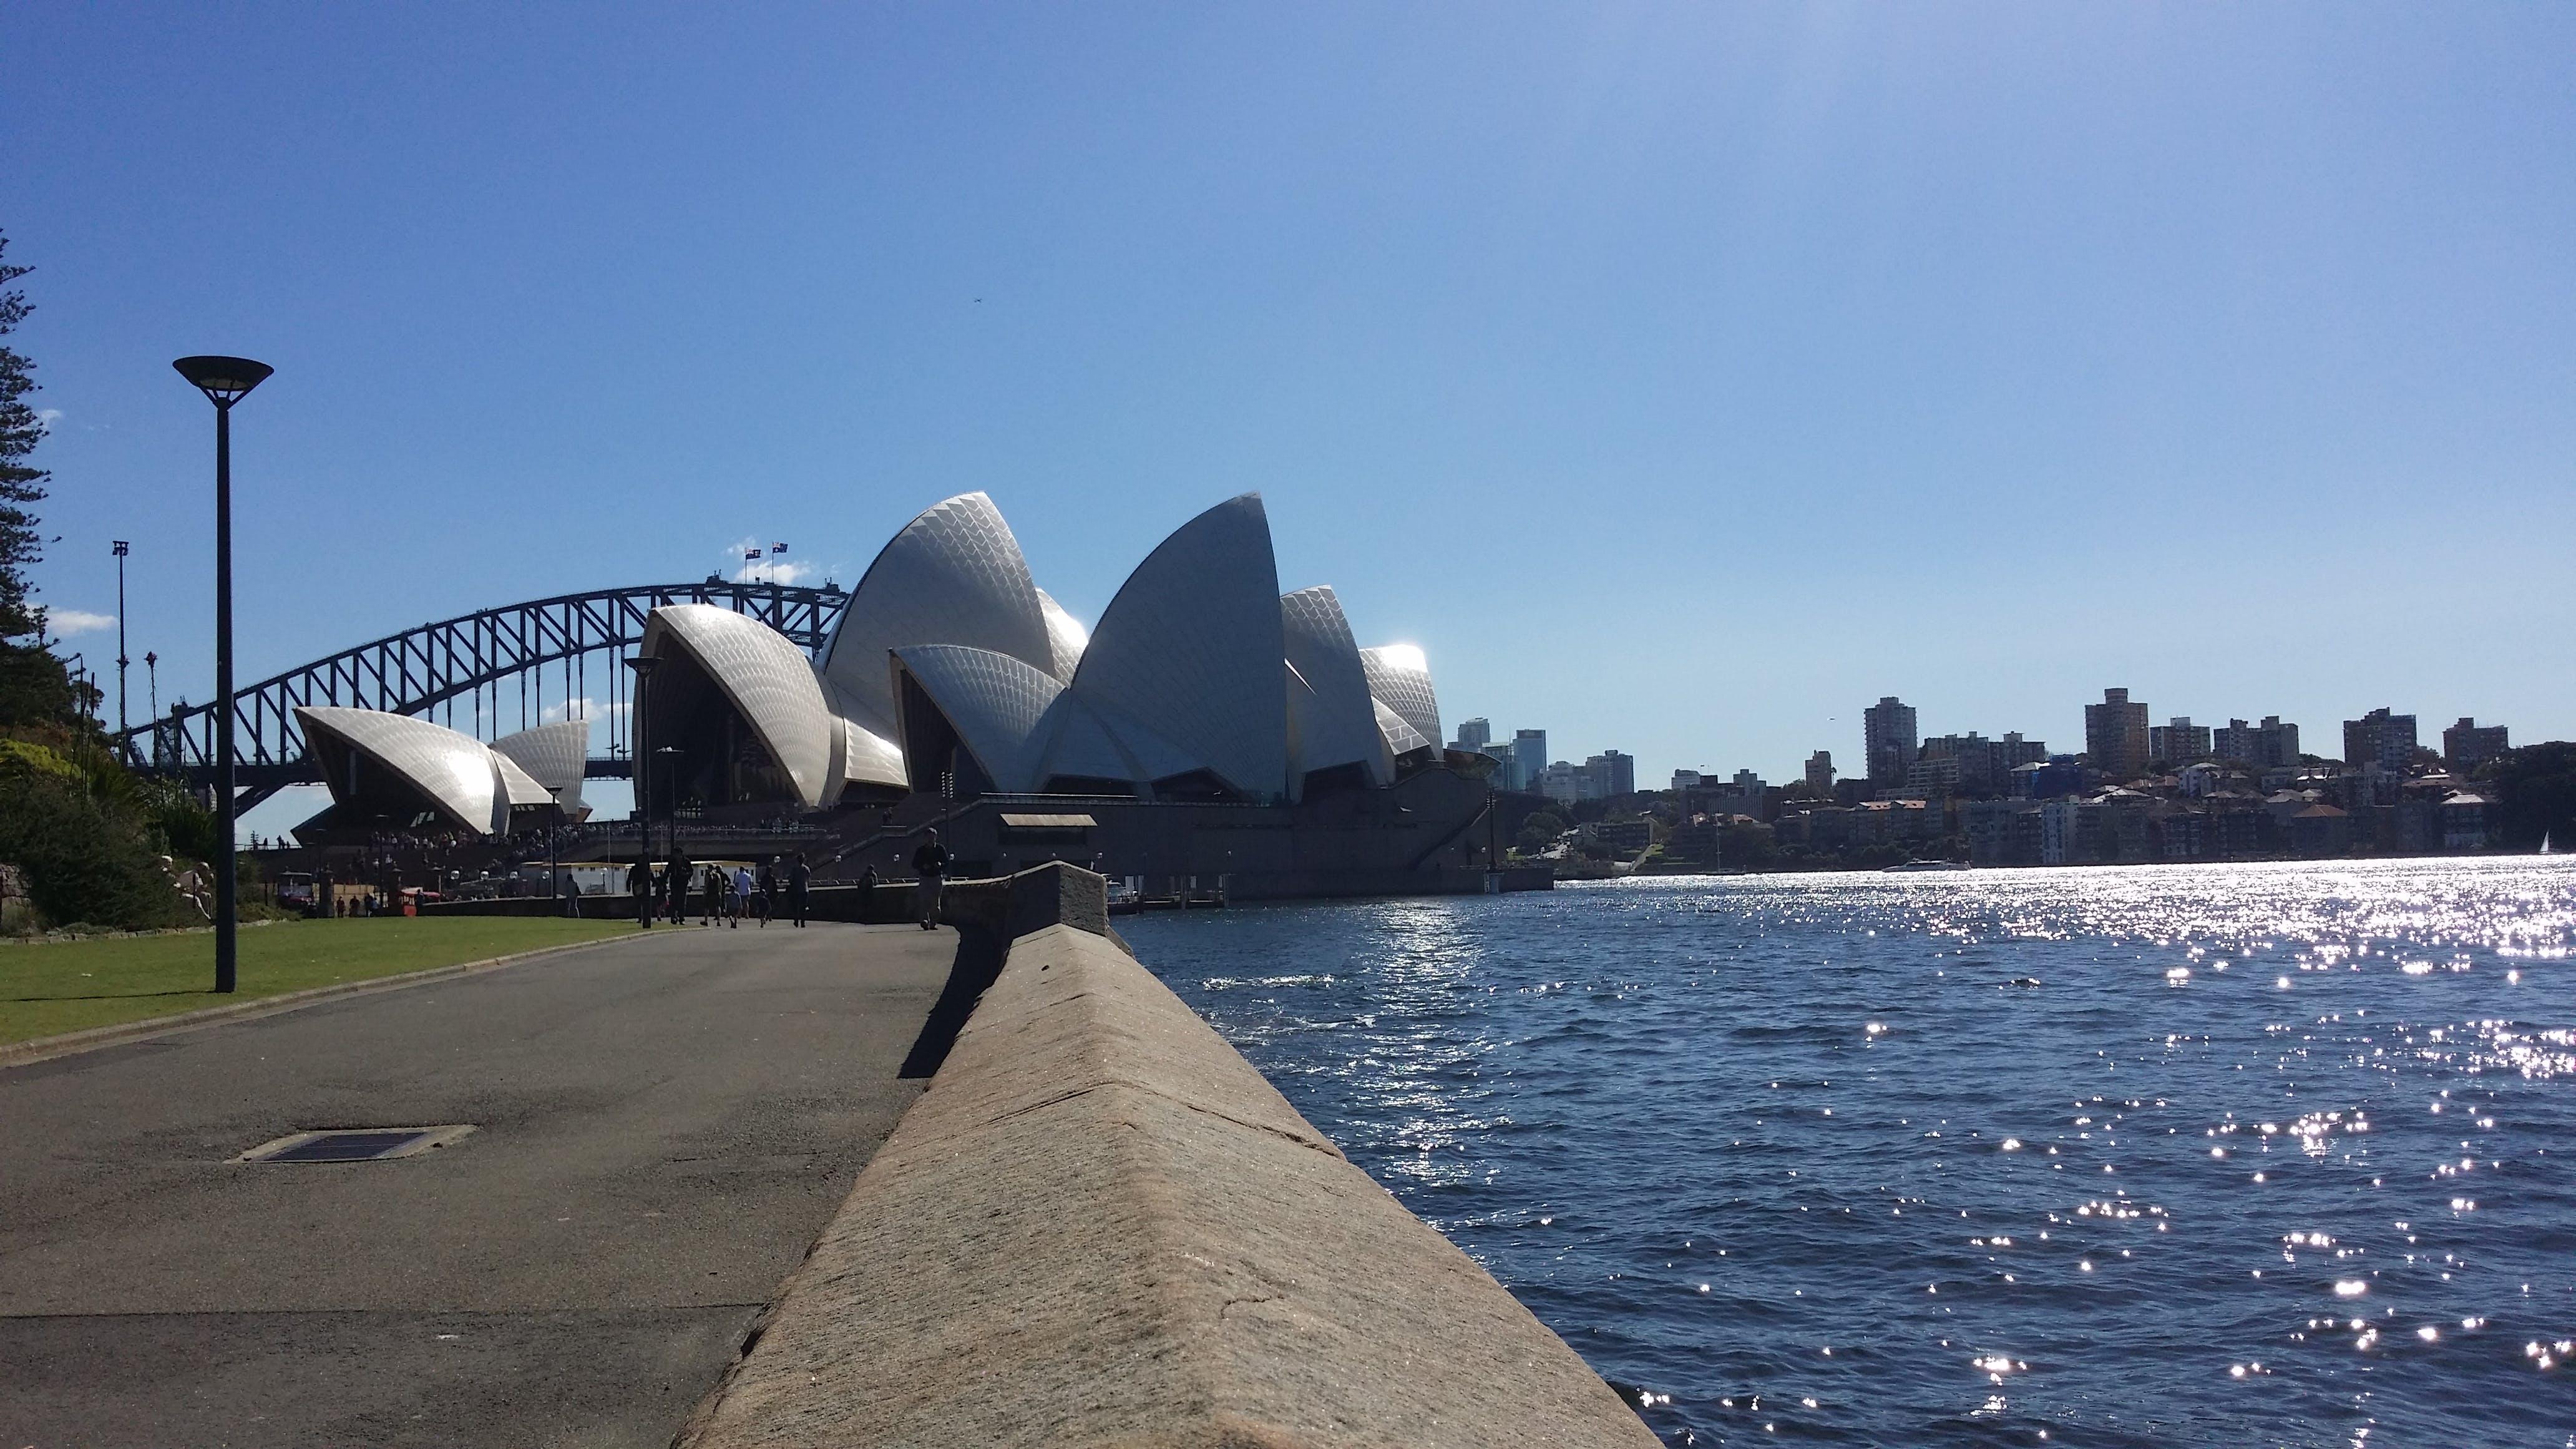 Kostenloses Stock Foto zu australien, blauer himmel, opernhaus in sydney, reise